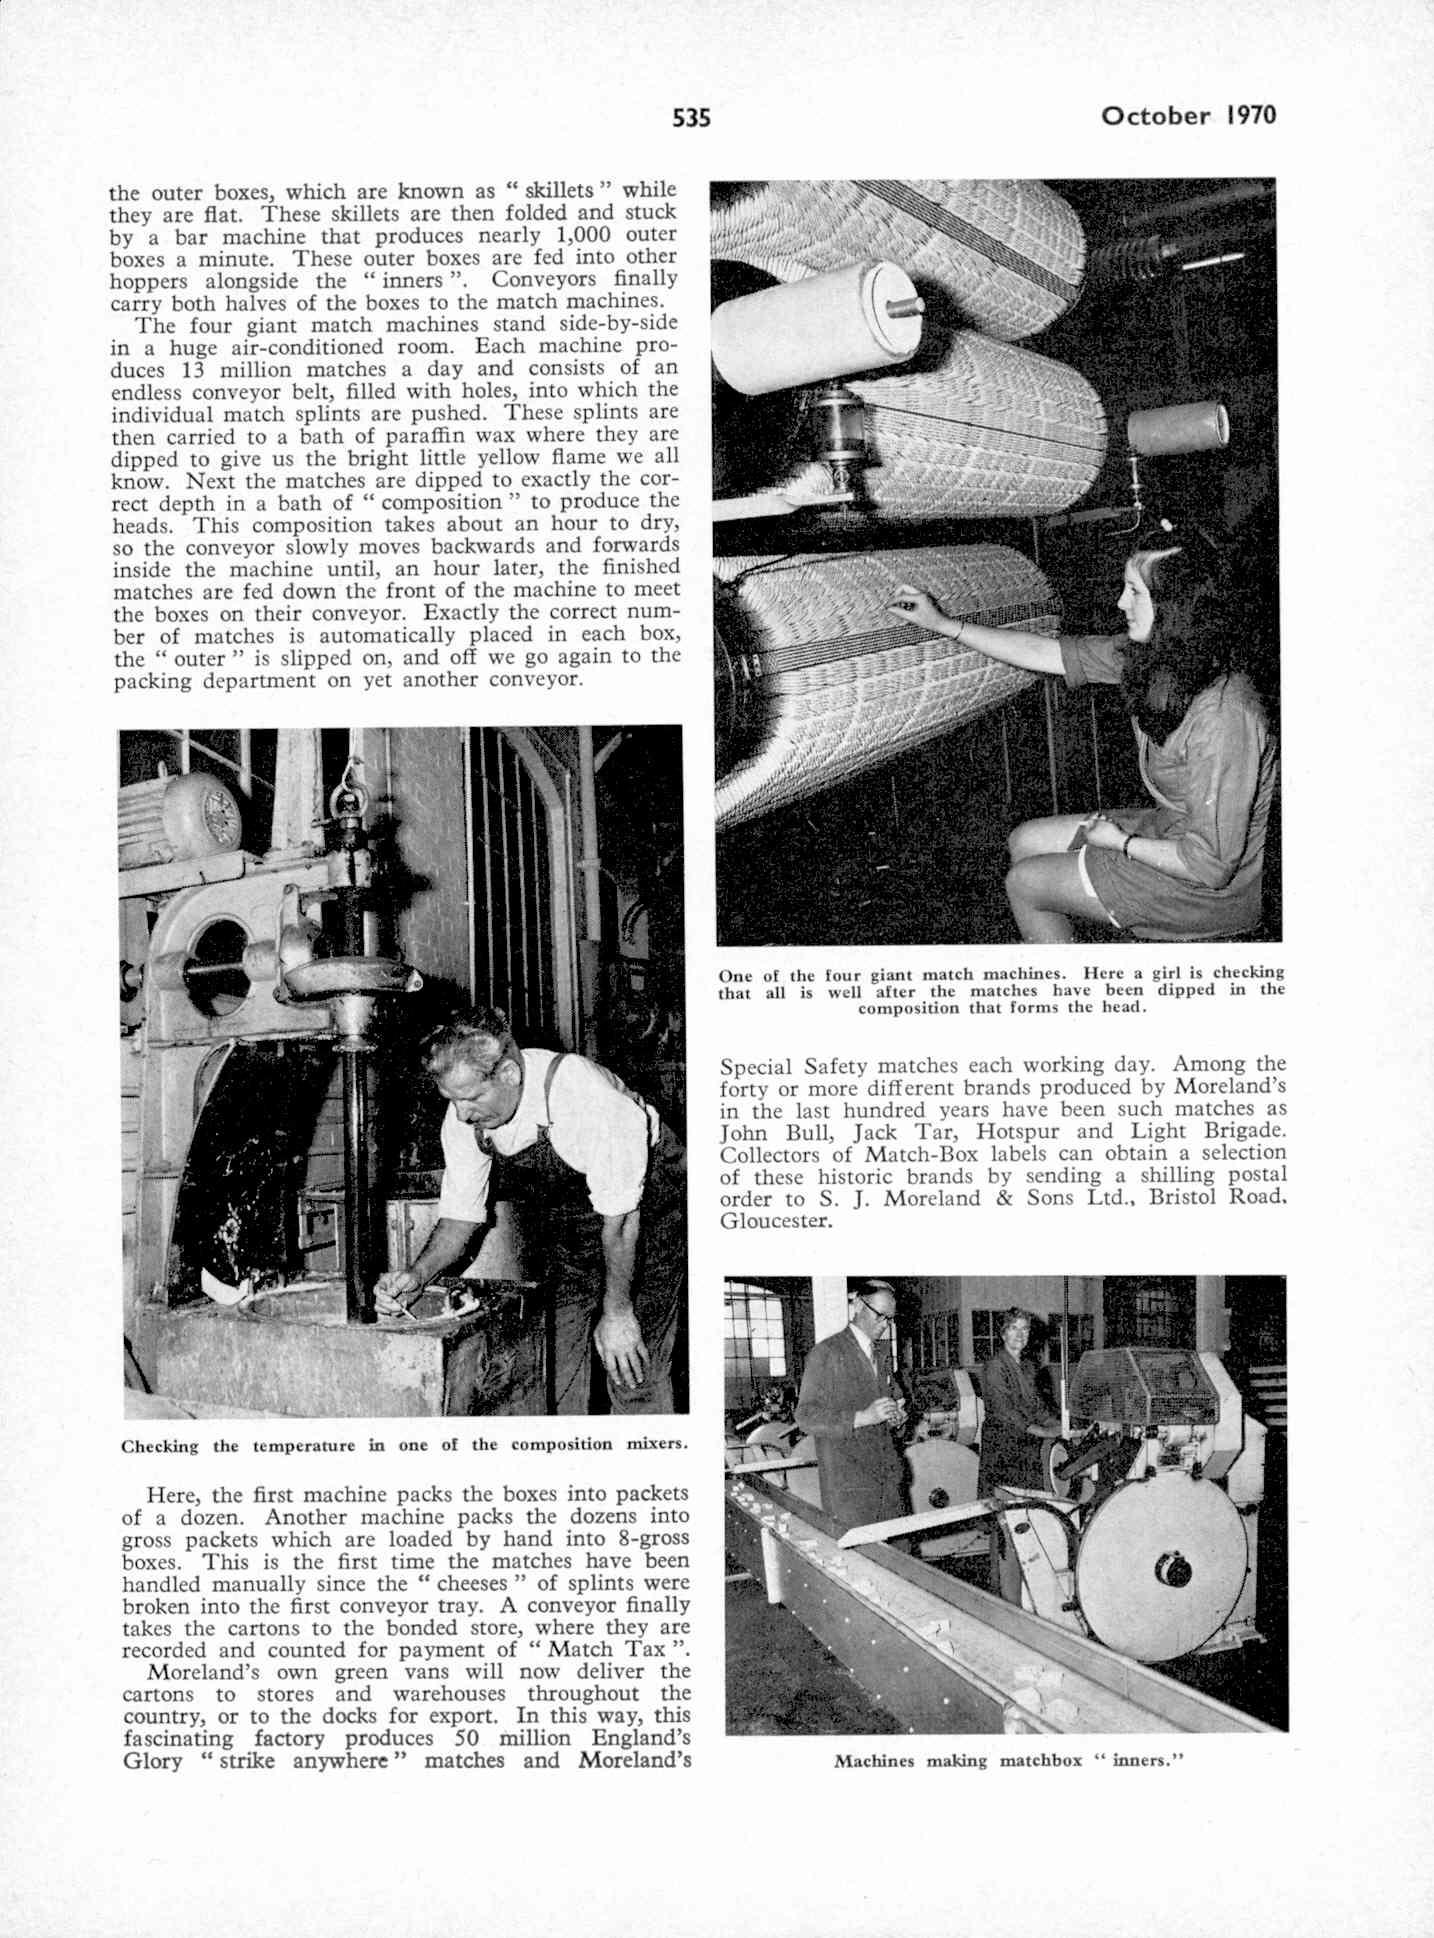 UK Meccano Magazine October 1970 Page 535